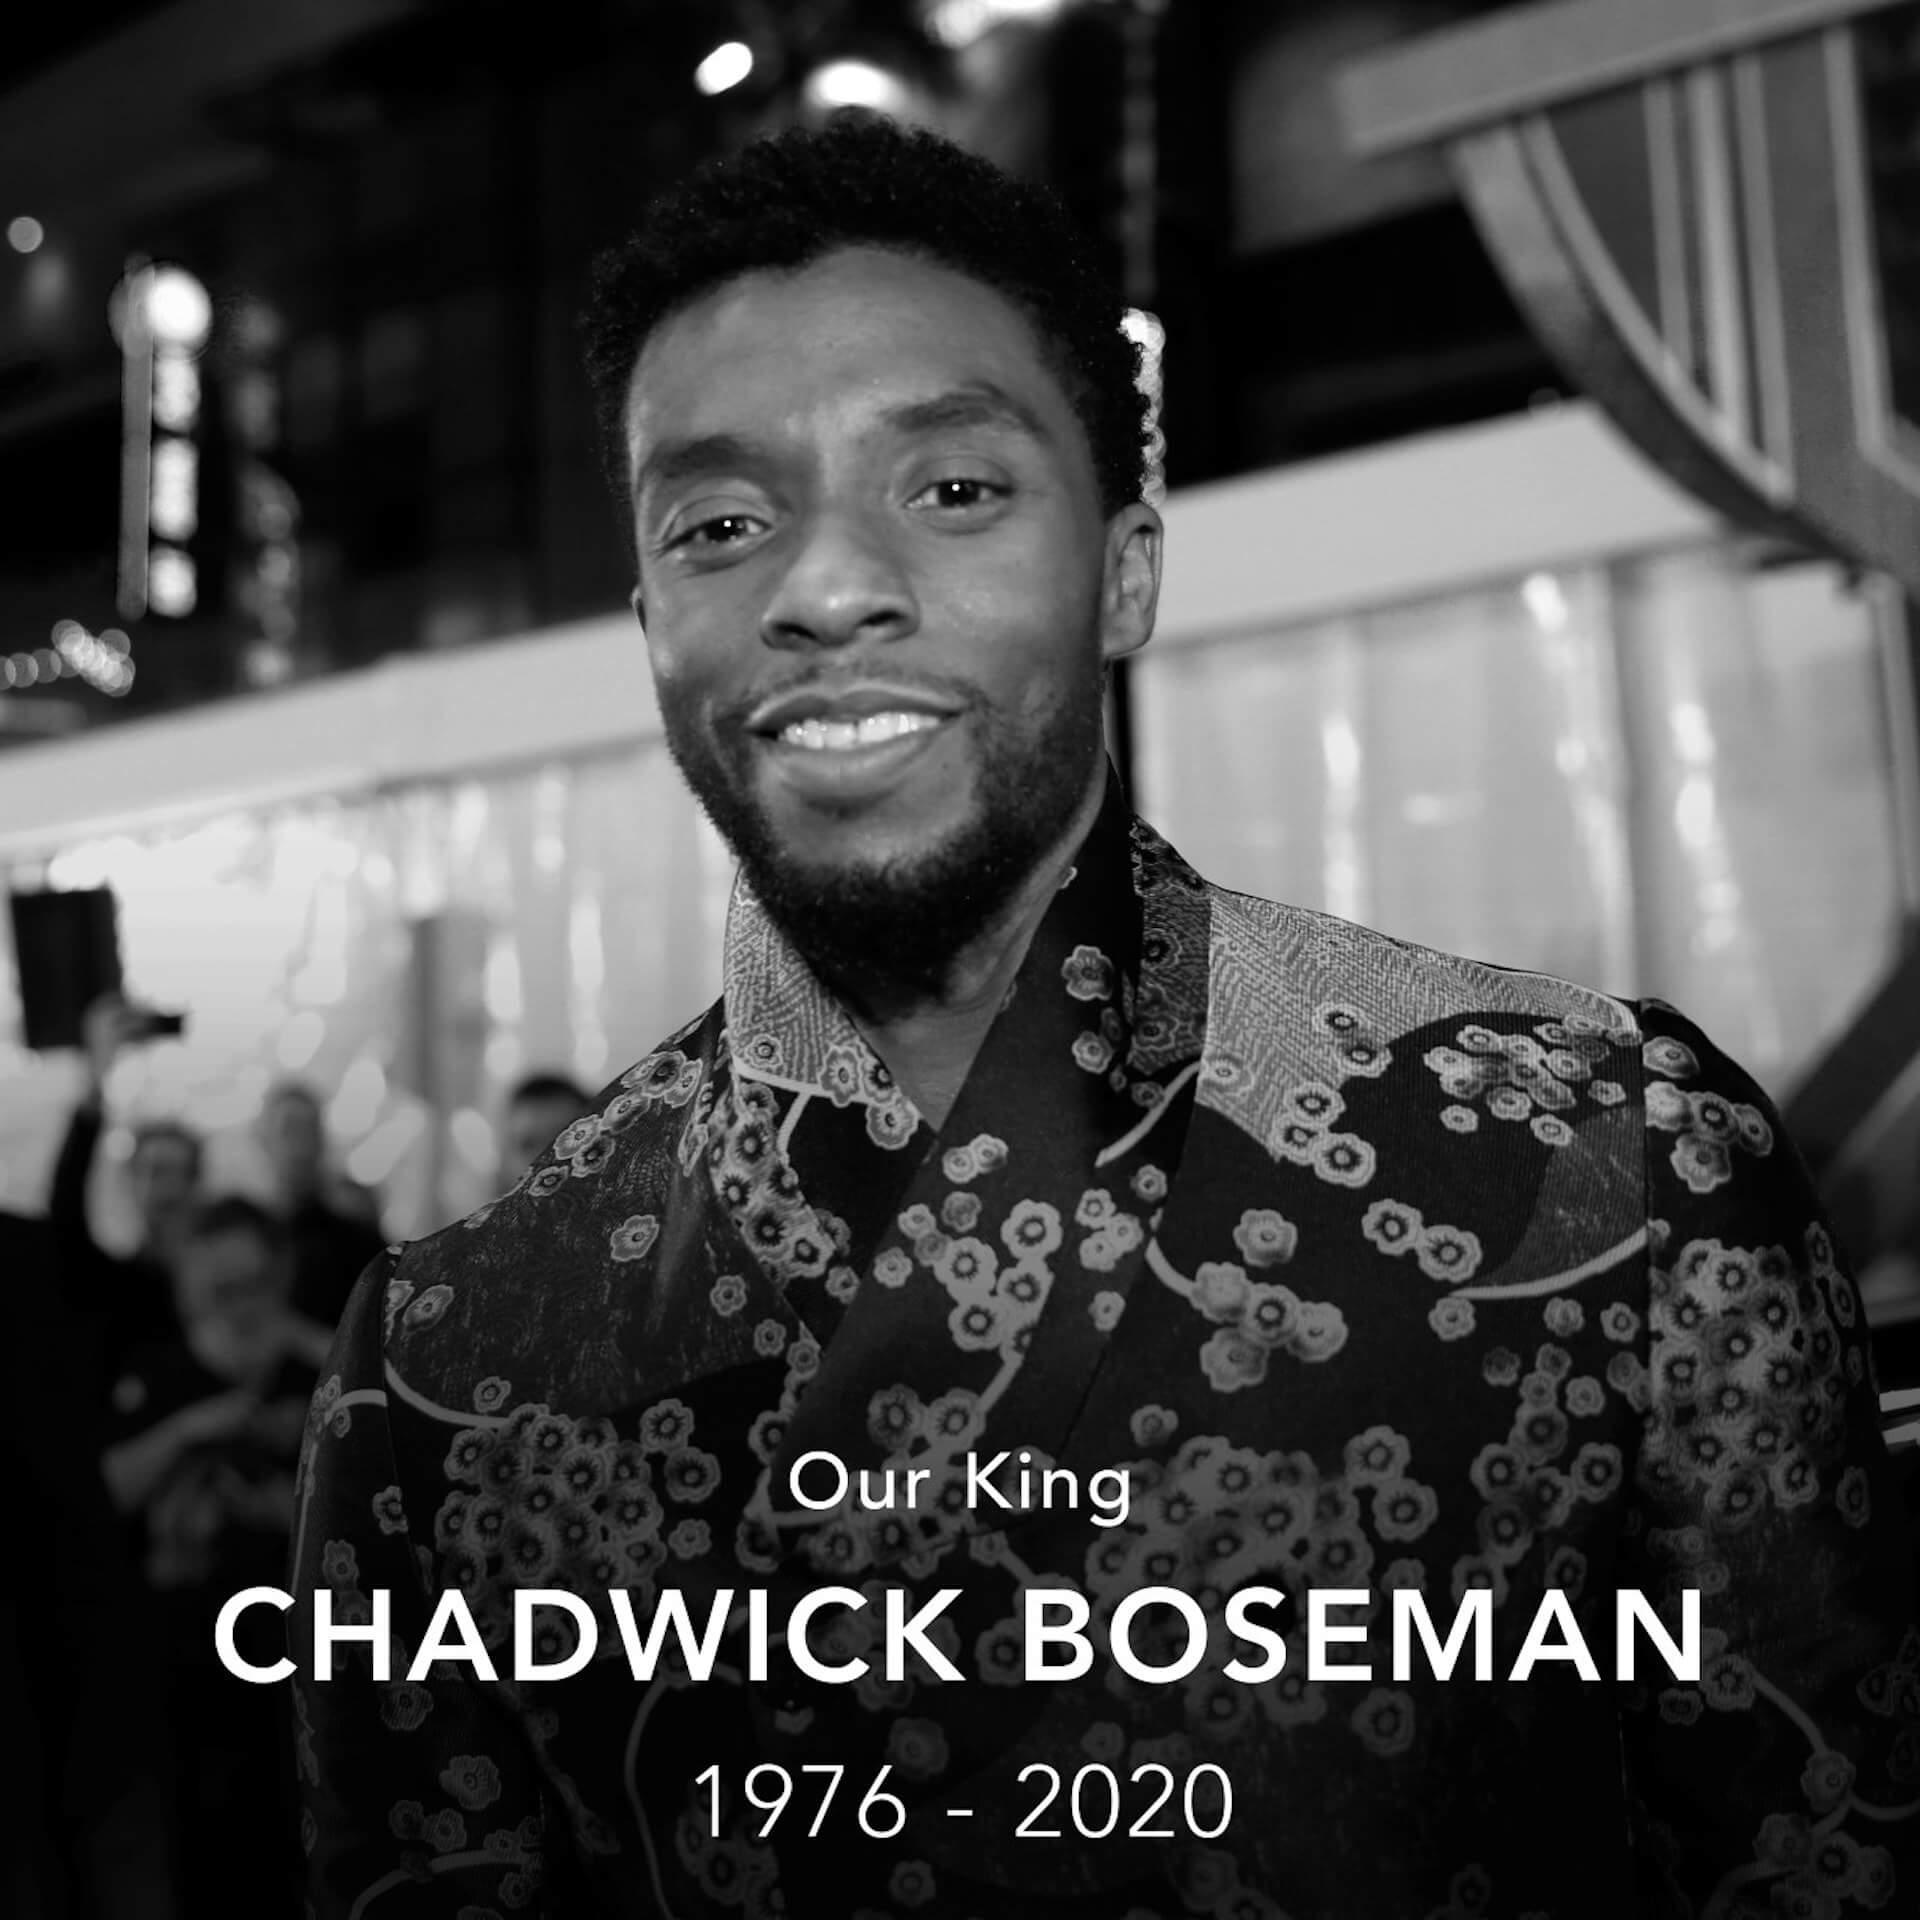 『ブラックパンサー』監督ライアン・クーグラー「続編は彼と制作するつもりだった」チャドウィック・ボーズマンの訃報に胸のうちを明かす film200831_blackpanther_main